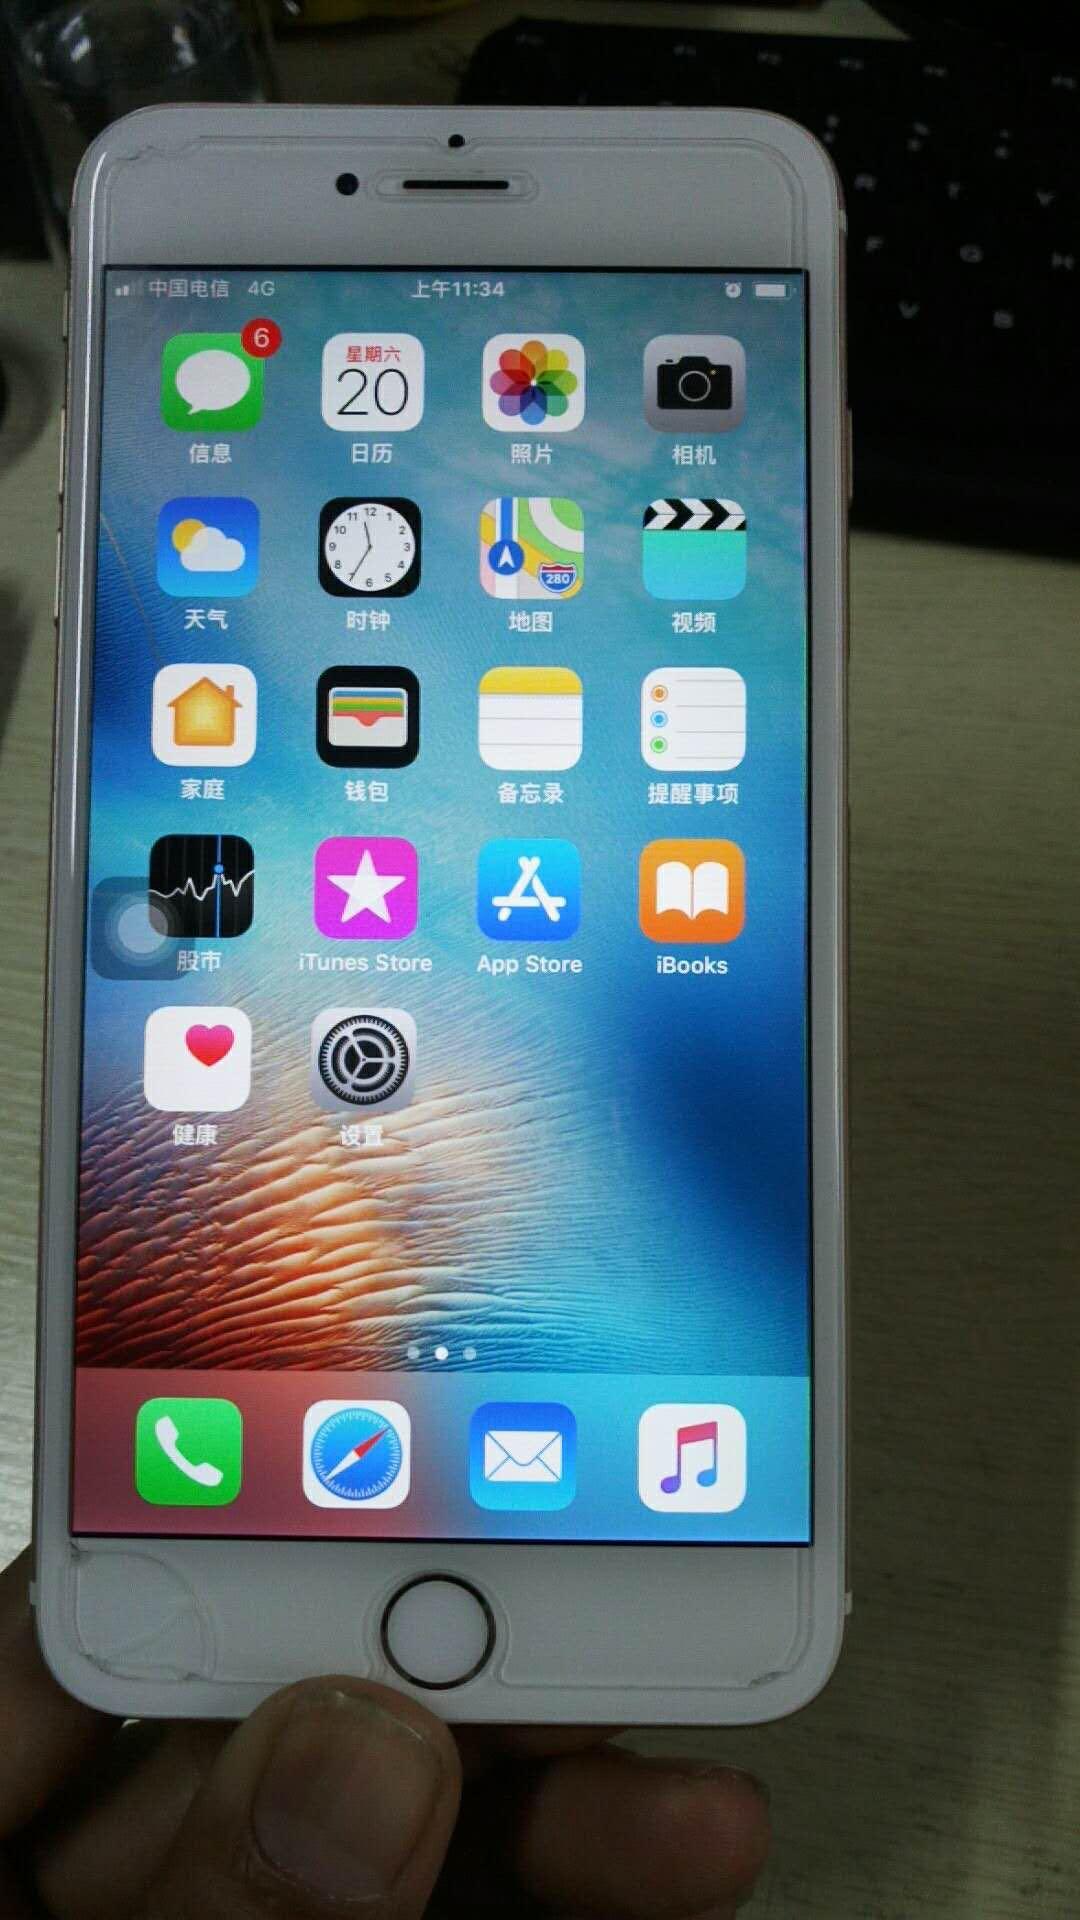 二手苹果6p低价转让出售转让_重庆二手手机-苏宁易购